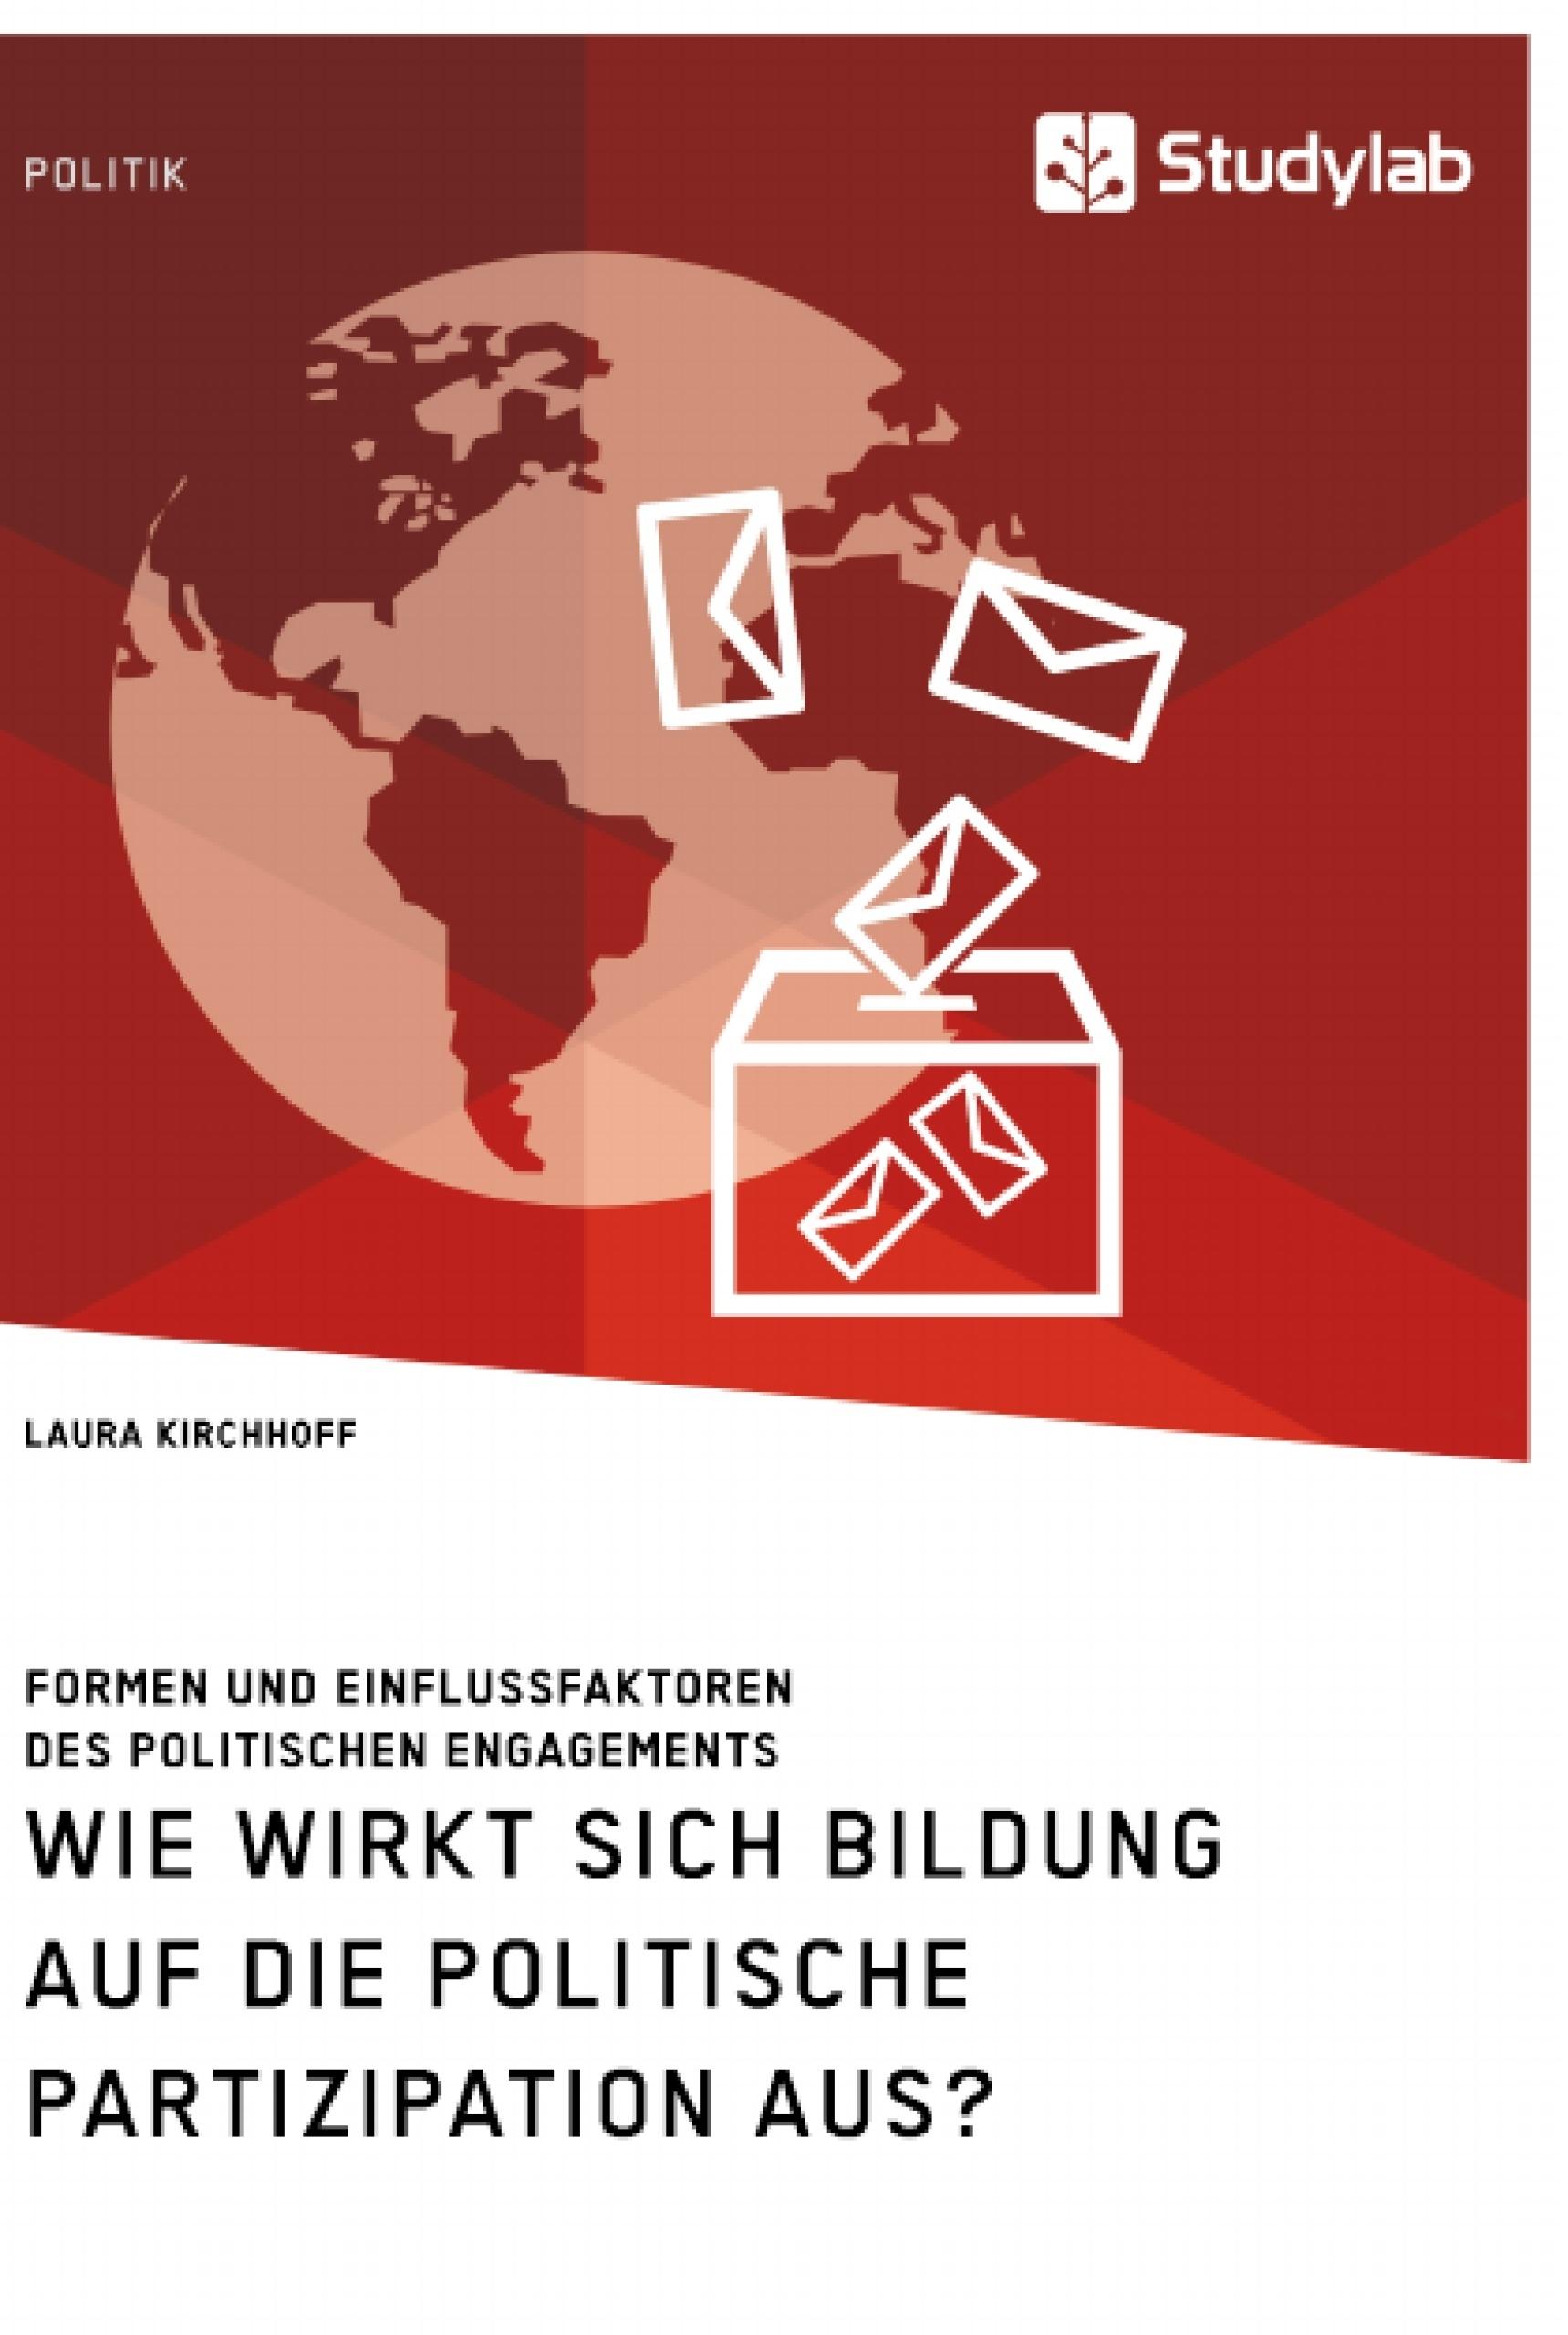 Titel: Wie wirkt sich Bildung auf die politische Partizipation aus? Formen und Einflussfaktoren des politischen Engagements